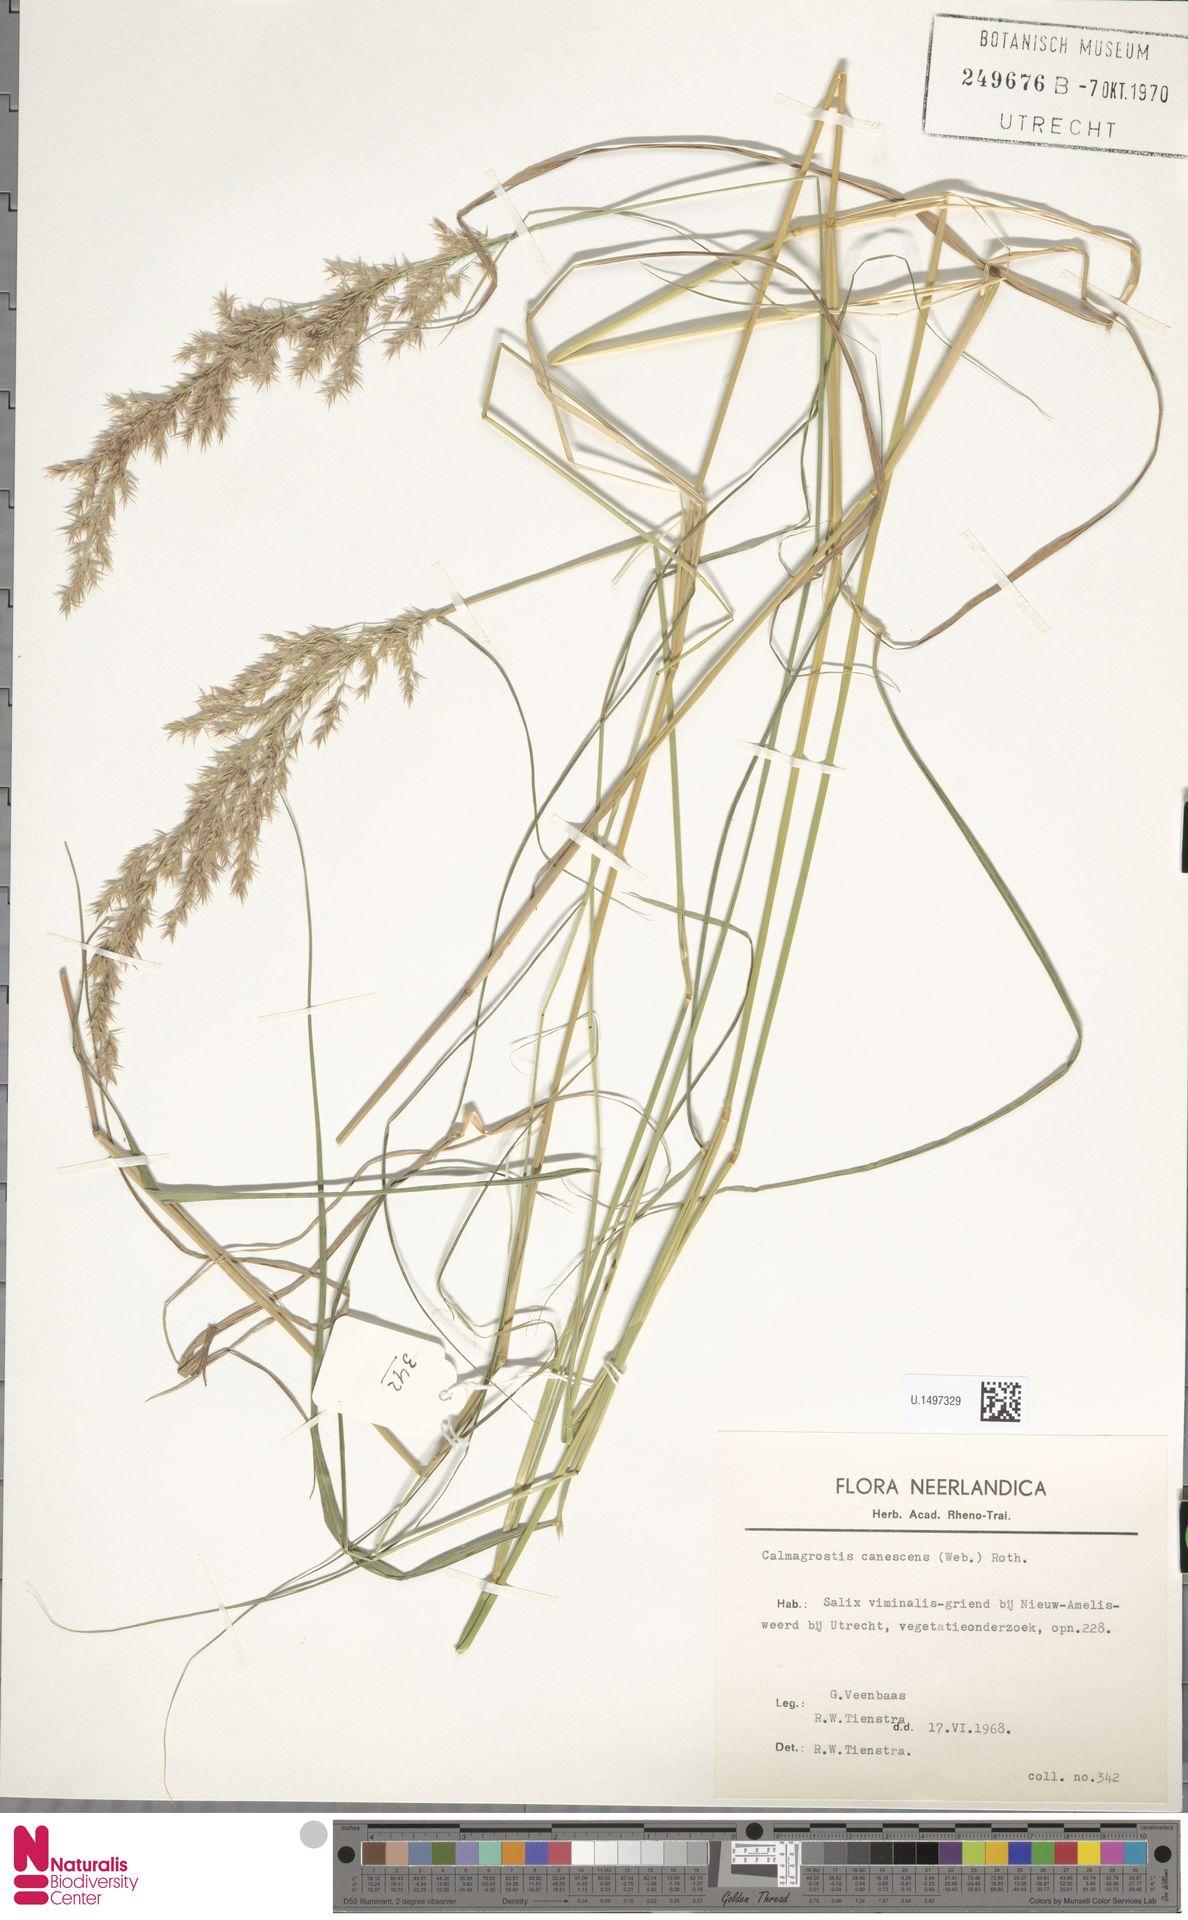 U.1497329 | Calamagrostis canescens (Weber) Roth